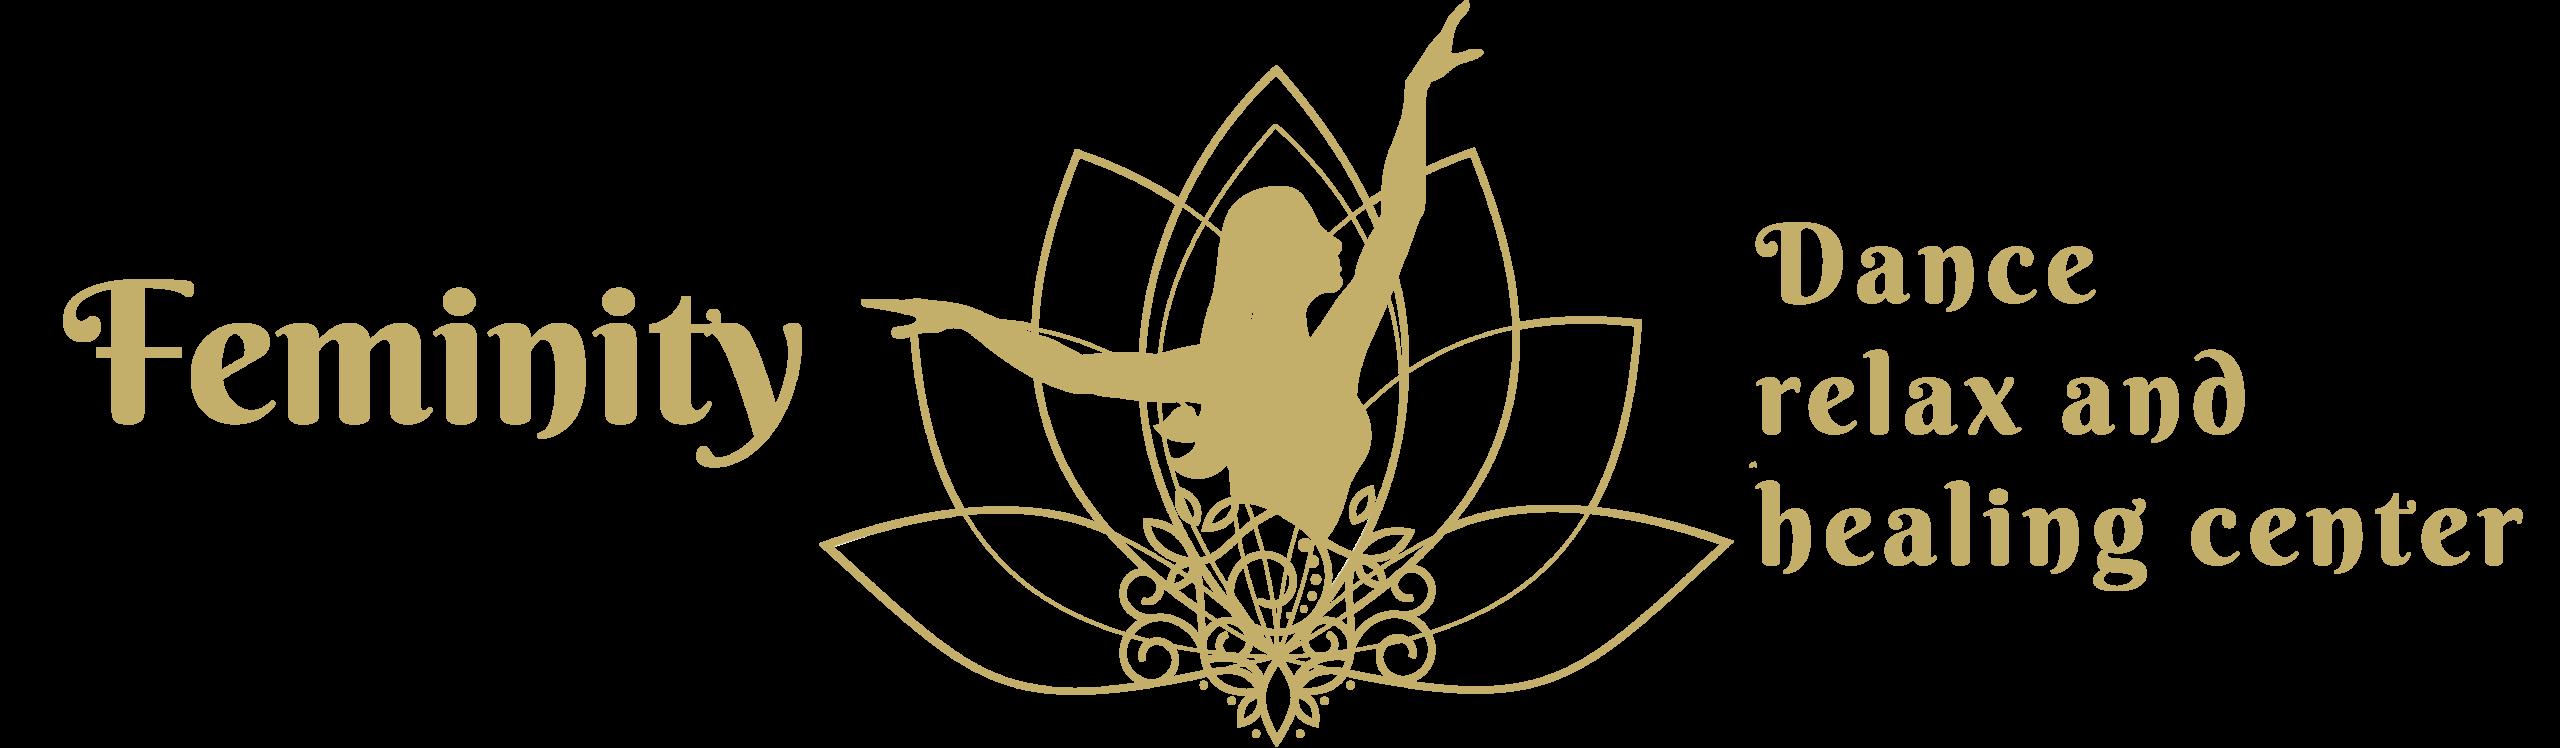 feminity-logo-Header2